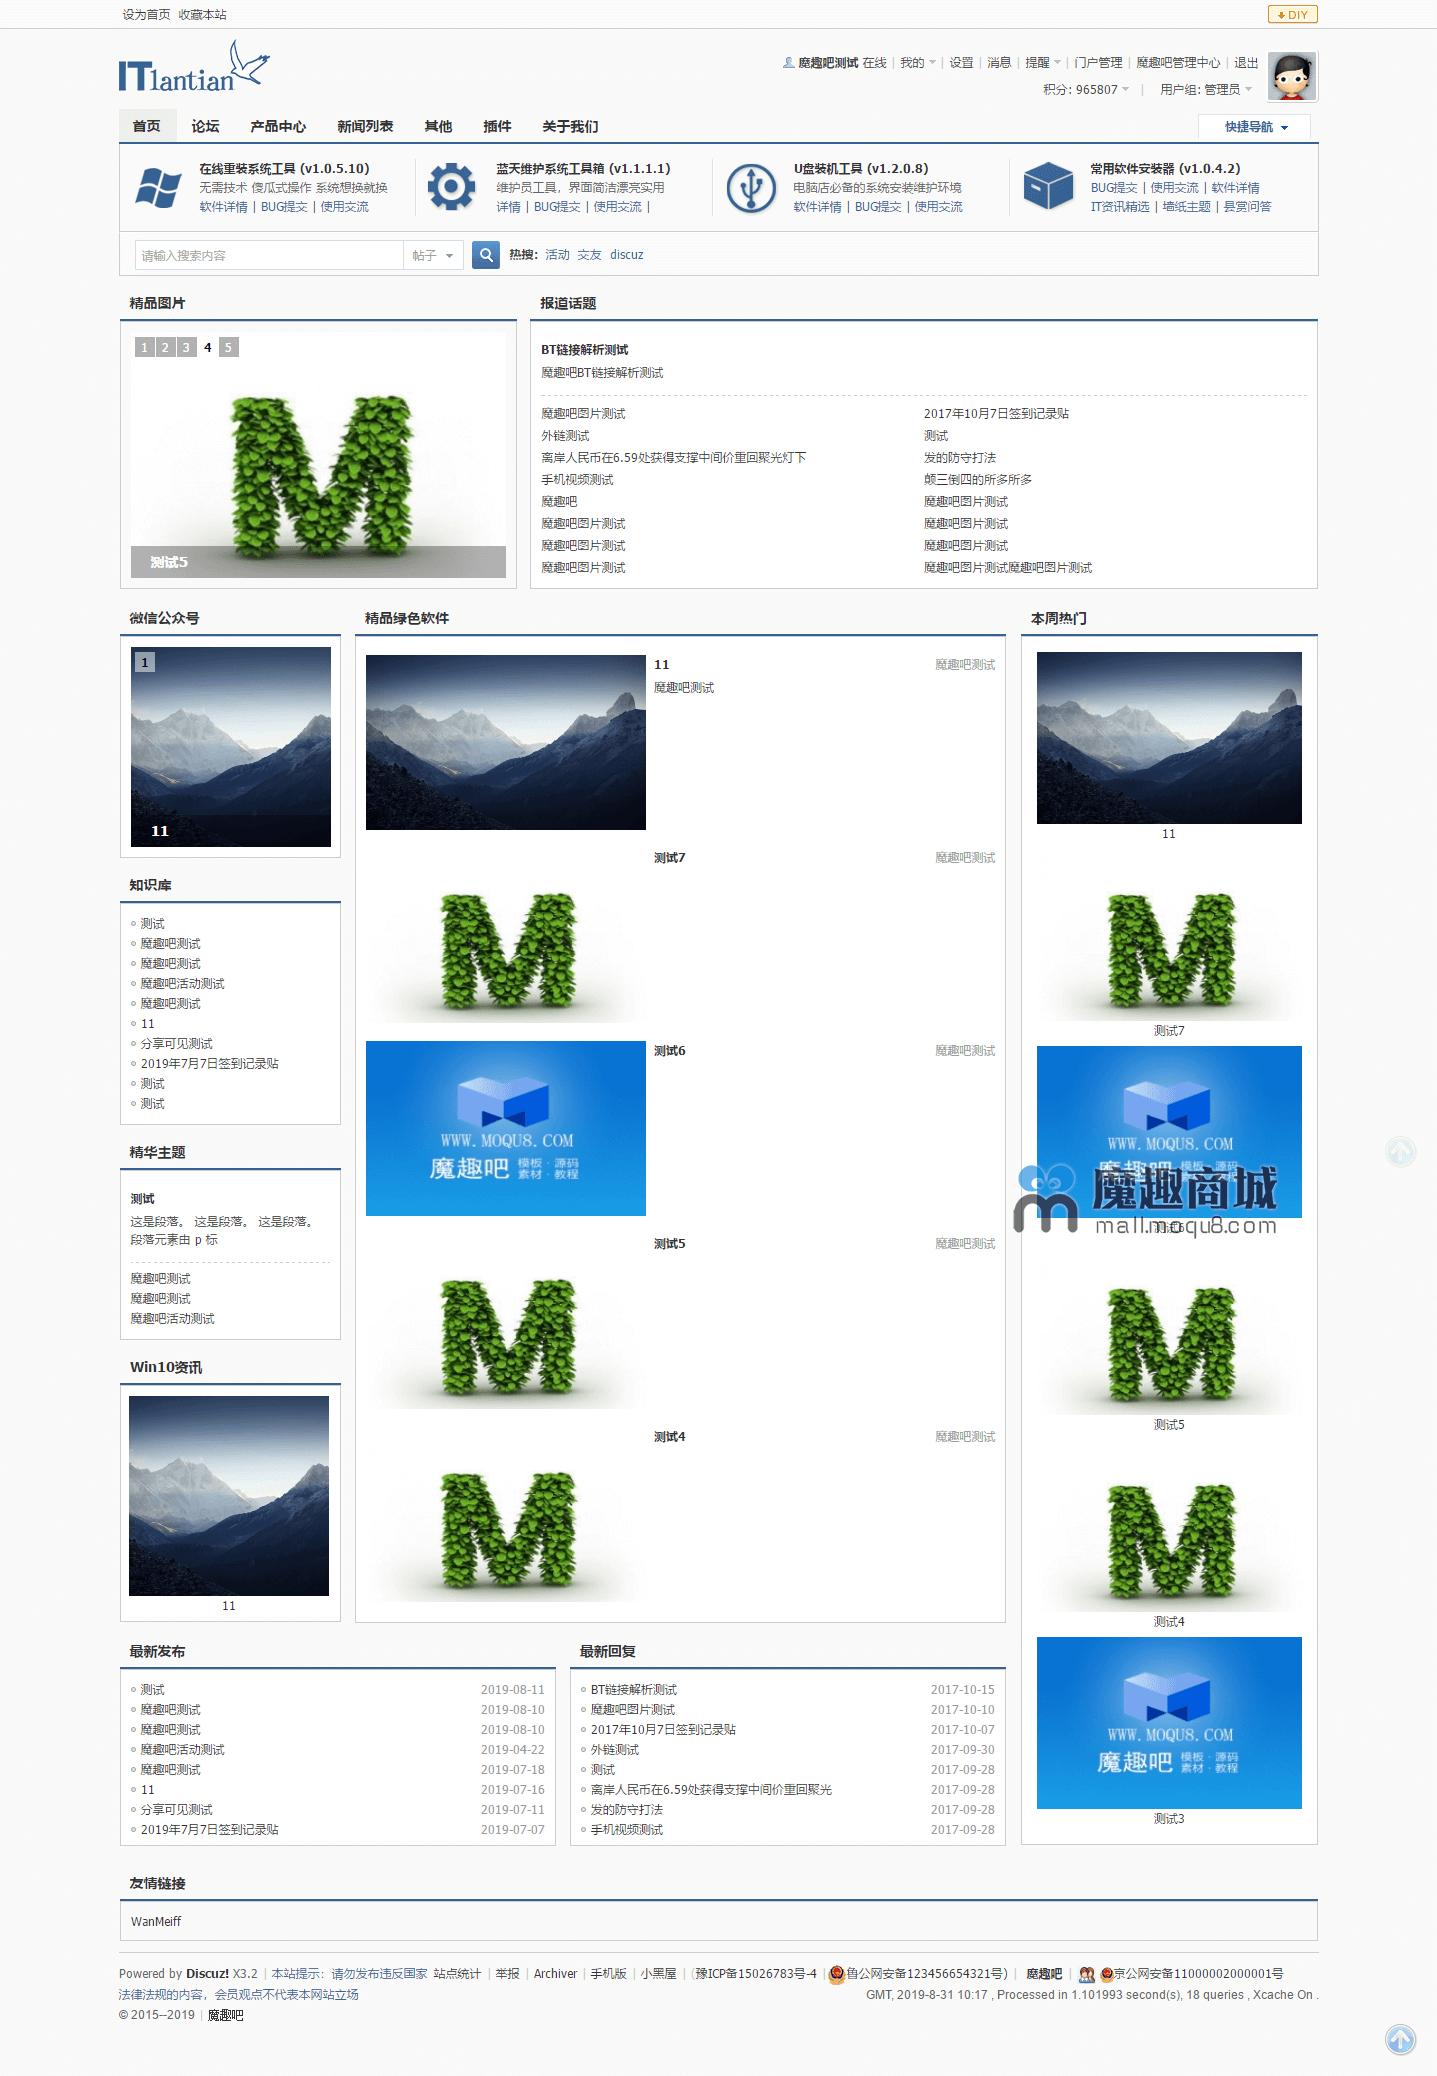 魔趣系统量产/U盘装机/数码论坛模板